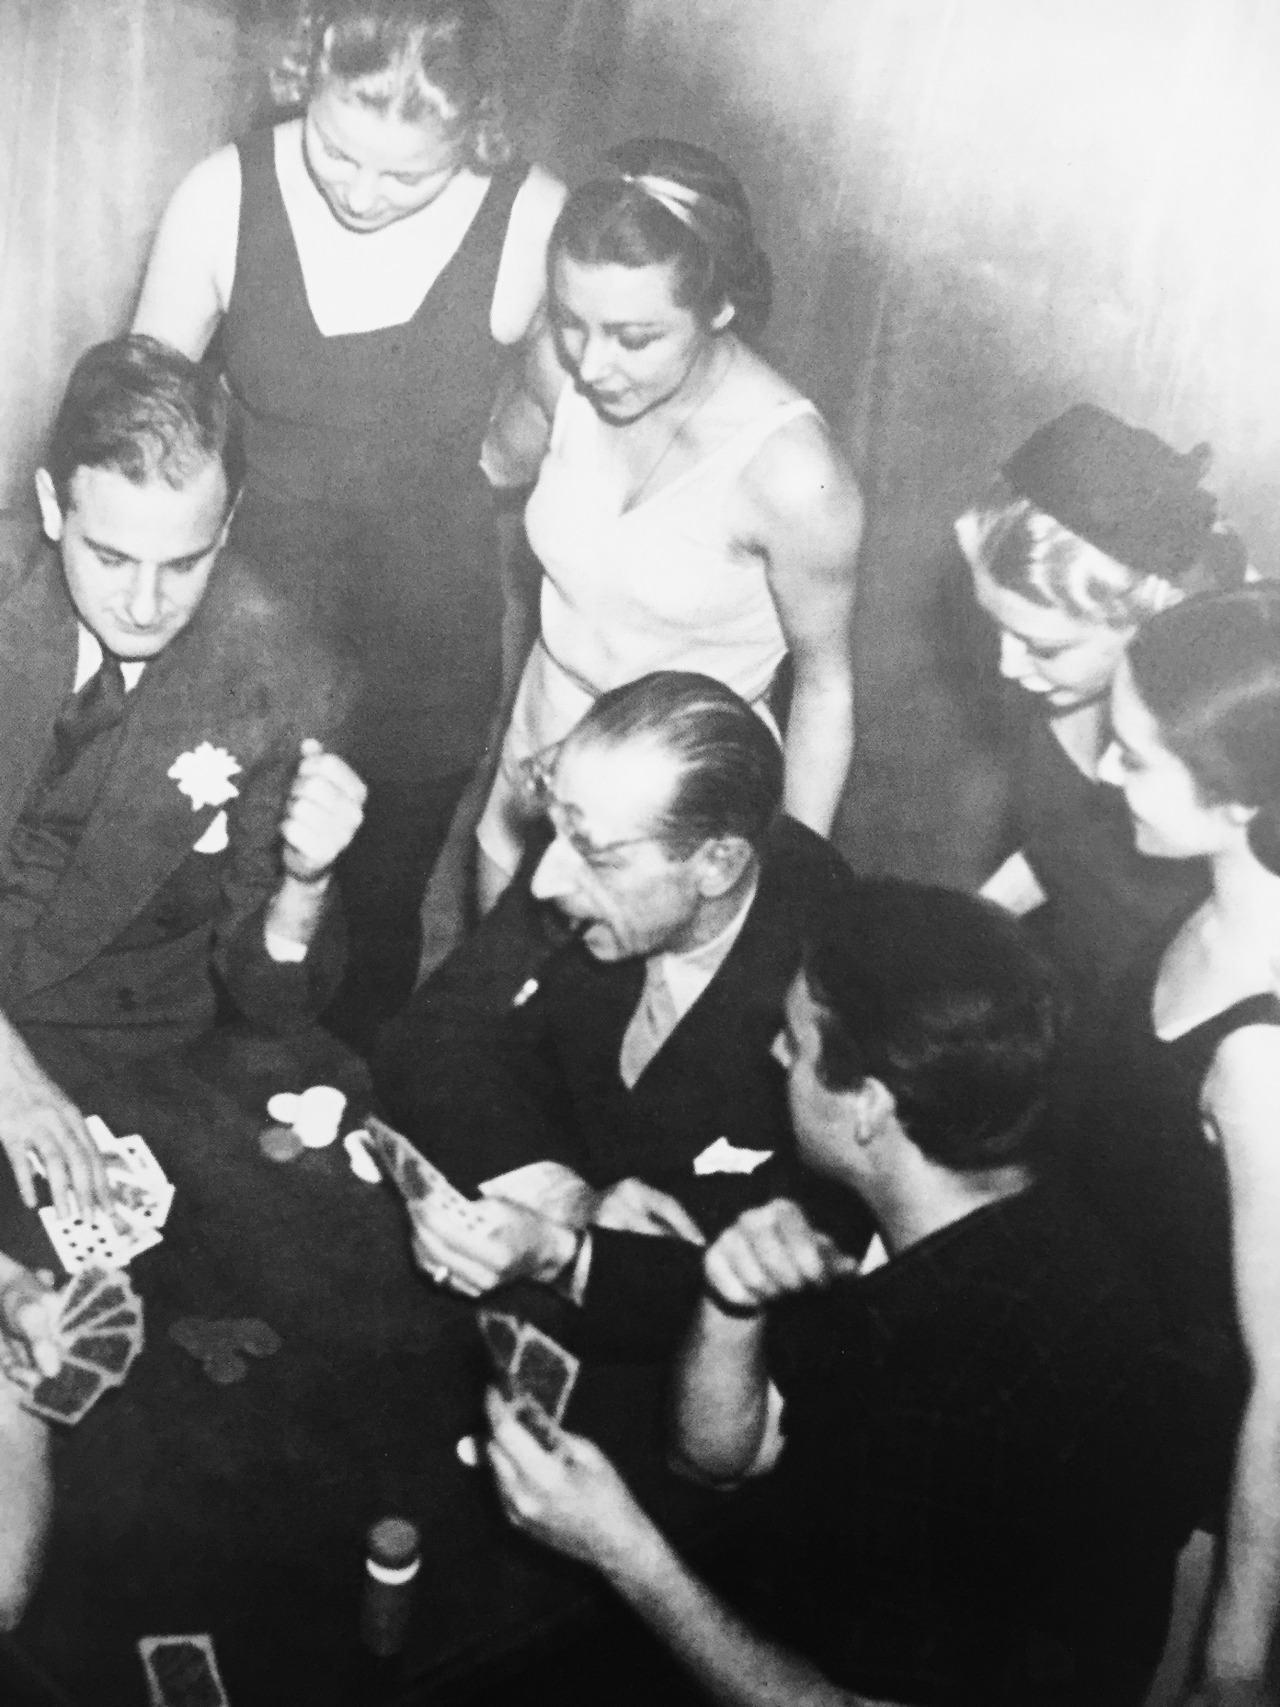 Igor Stravinsky (1882-1971): Jeu de cartes, Agon, Orpheus